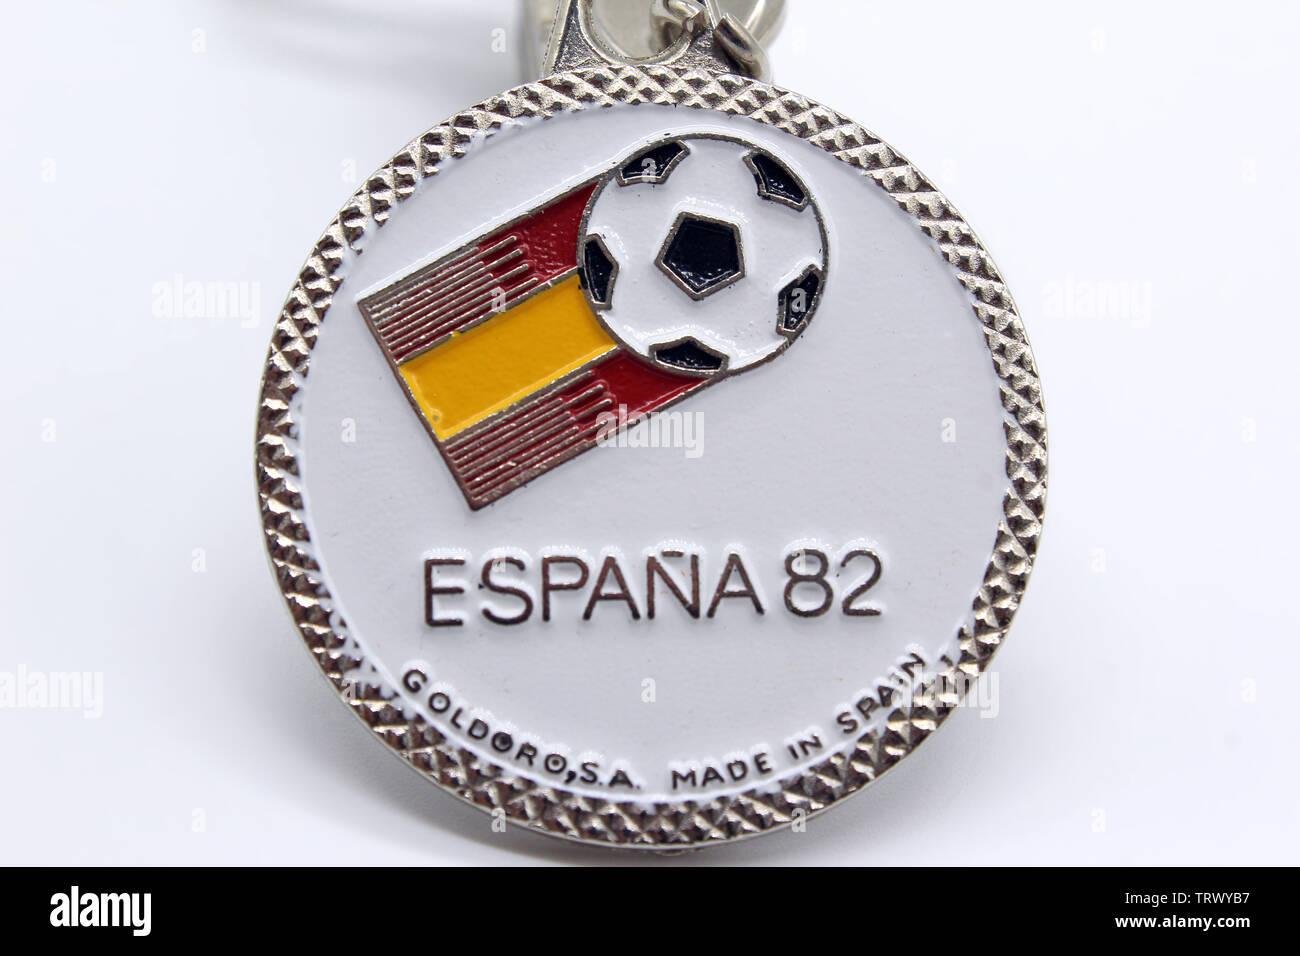 Medaglia souvenir di soccer-football - World Cup Spagna 1982, isolata su uno sfondo bianco, close-up Immagini Stock